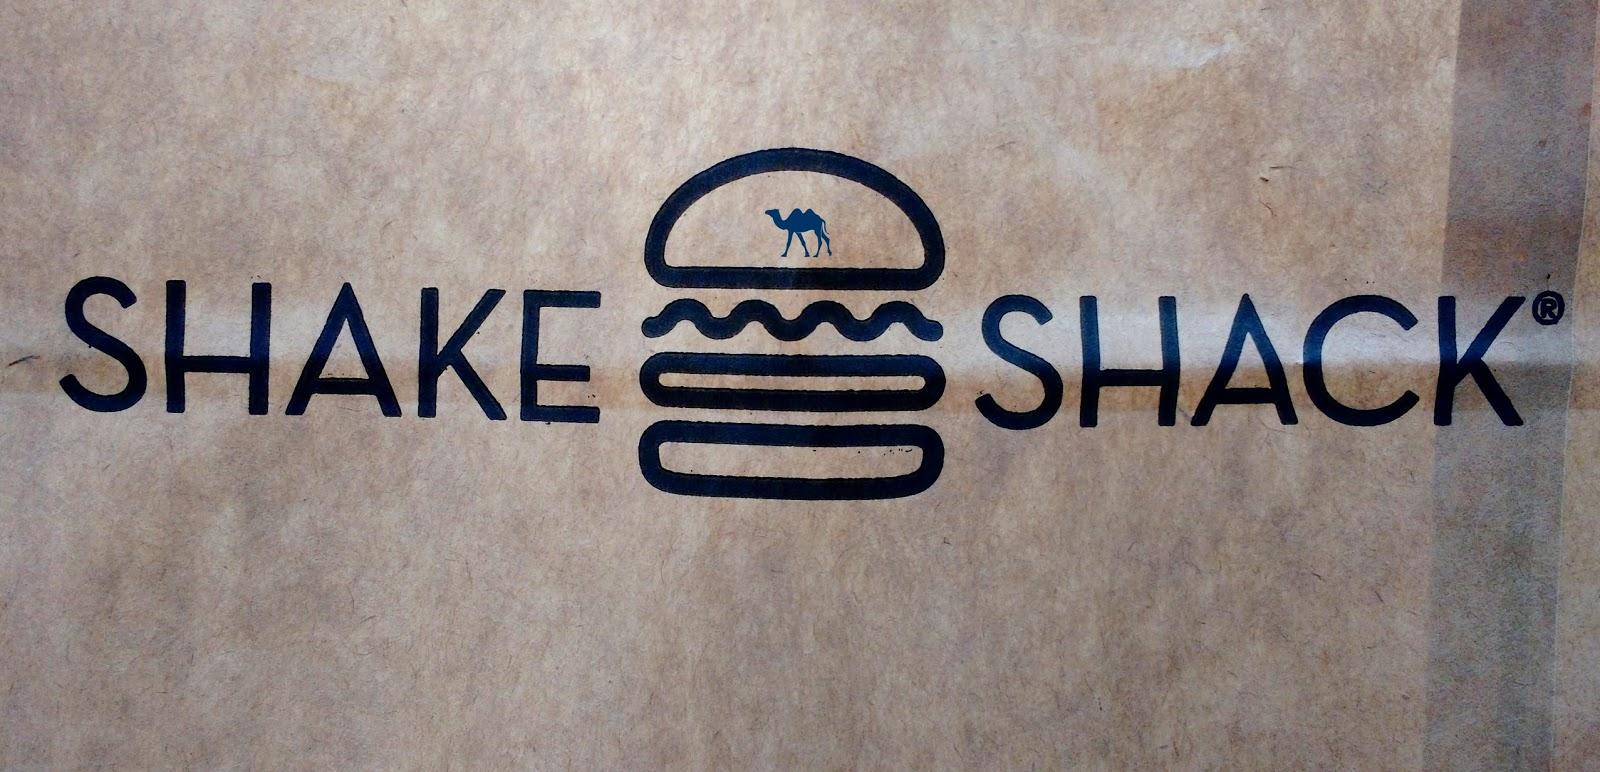 Shake Schack - Le Chameau Bleu